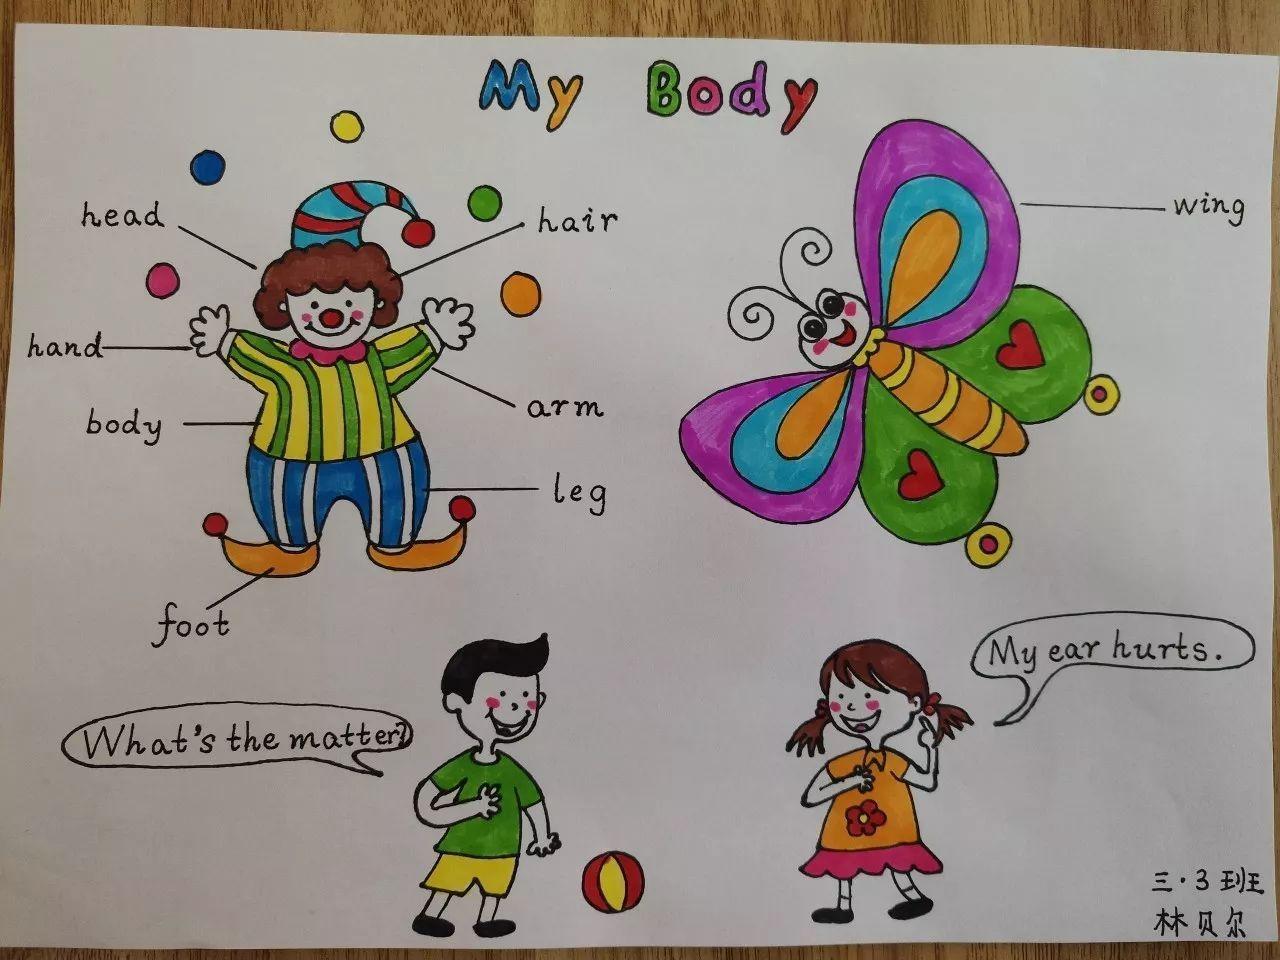 三年级英语手抄报内容图画一等奖漂亮 小小画家